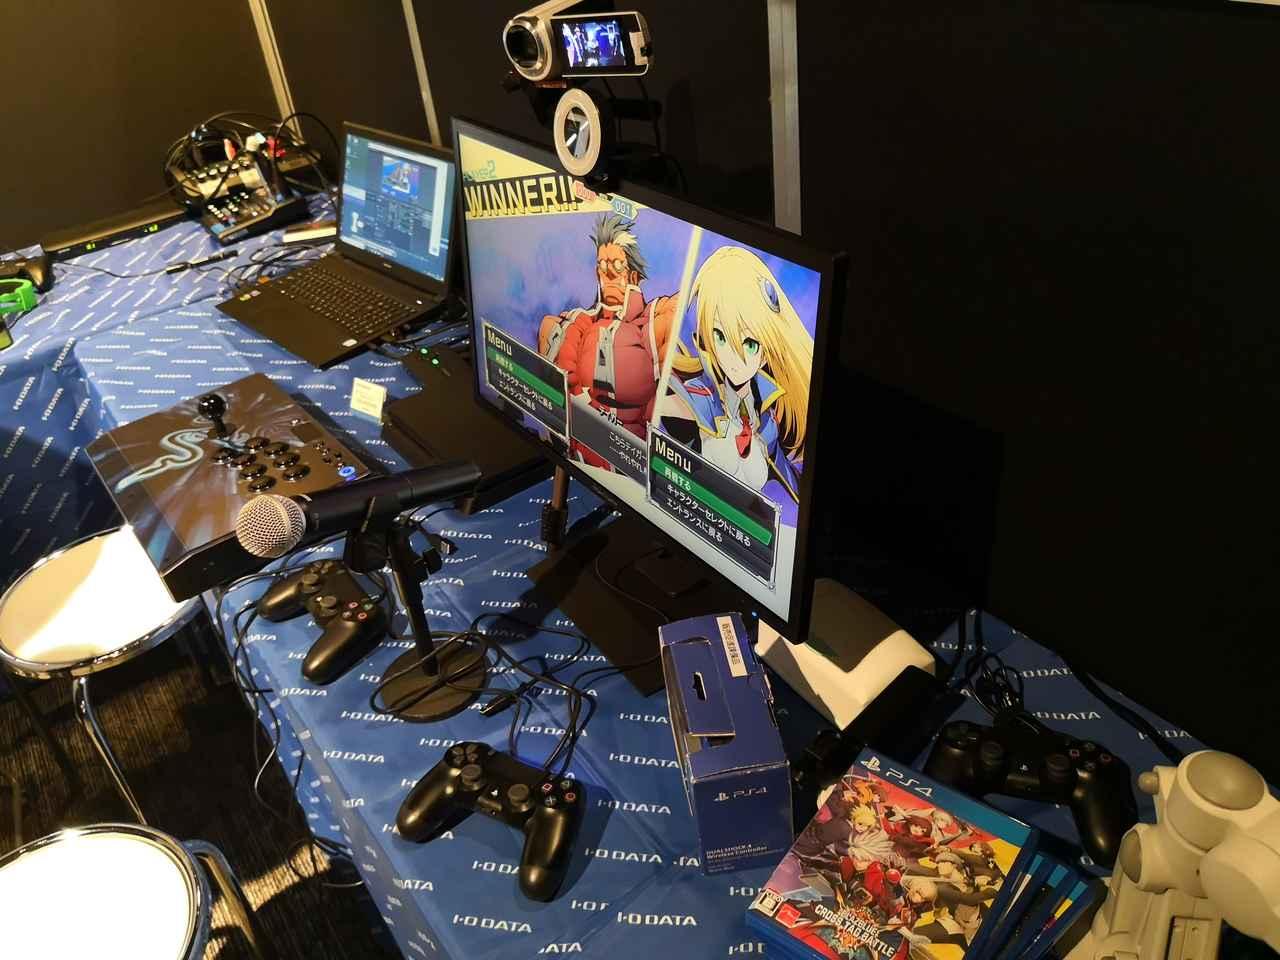 画像: 格闘ゲームがプレイされていた画面をとらせていただいた。キャラクター選択画面